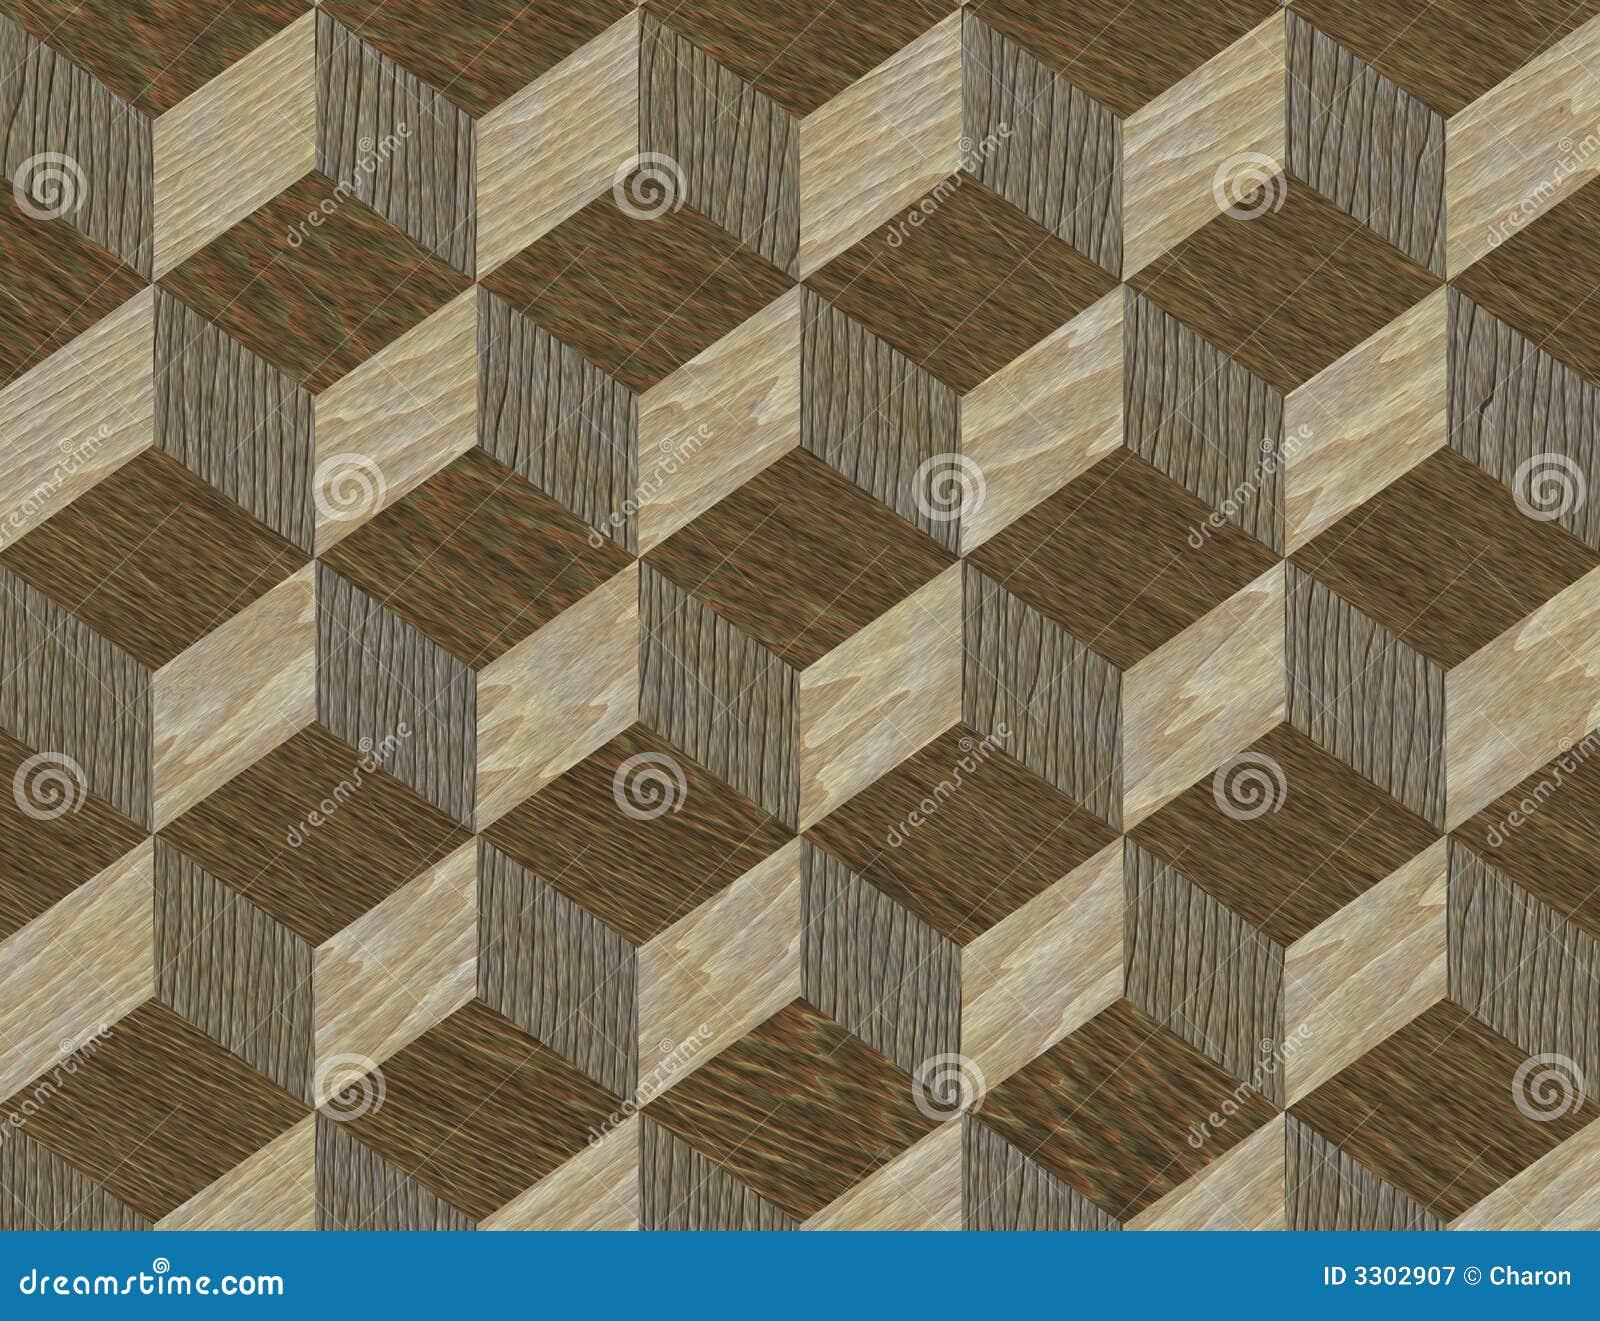 Dobrze intarsja drewniana konsystencja wzoru